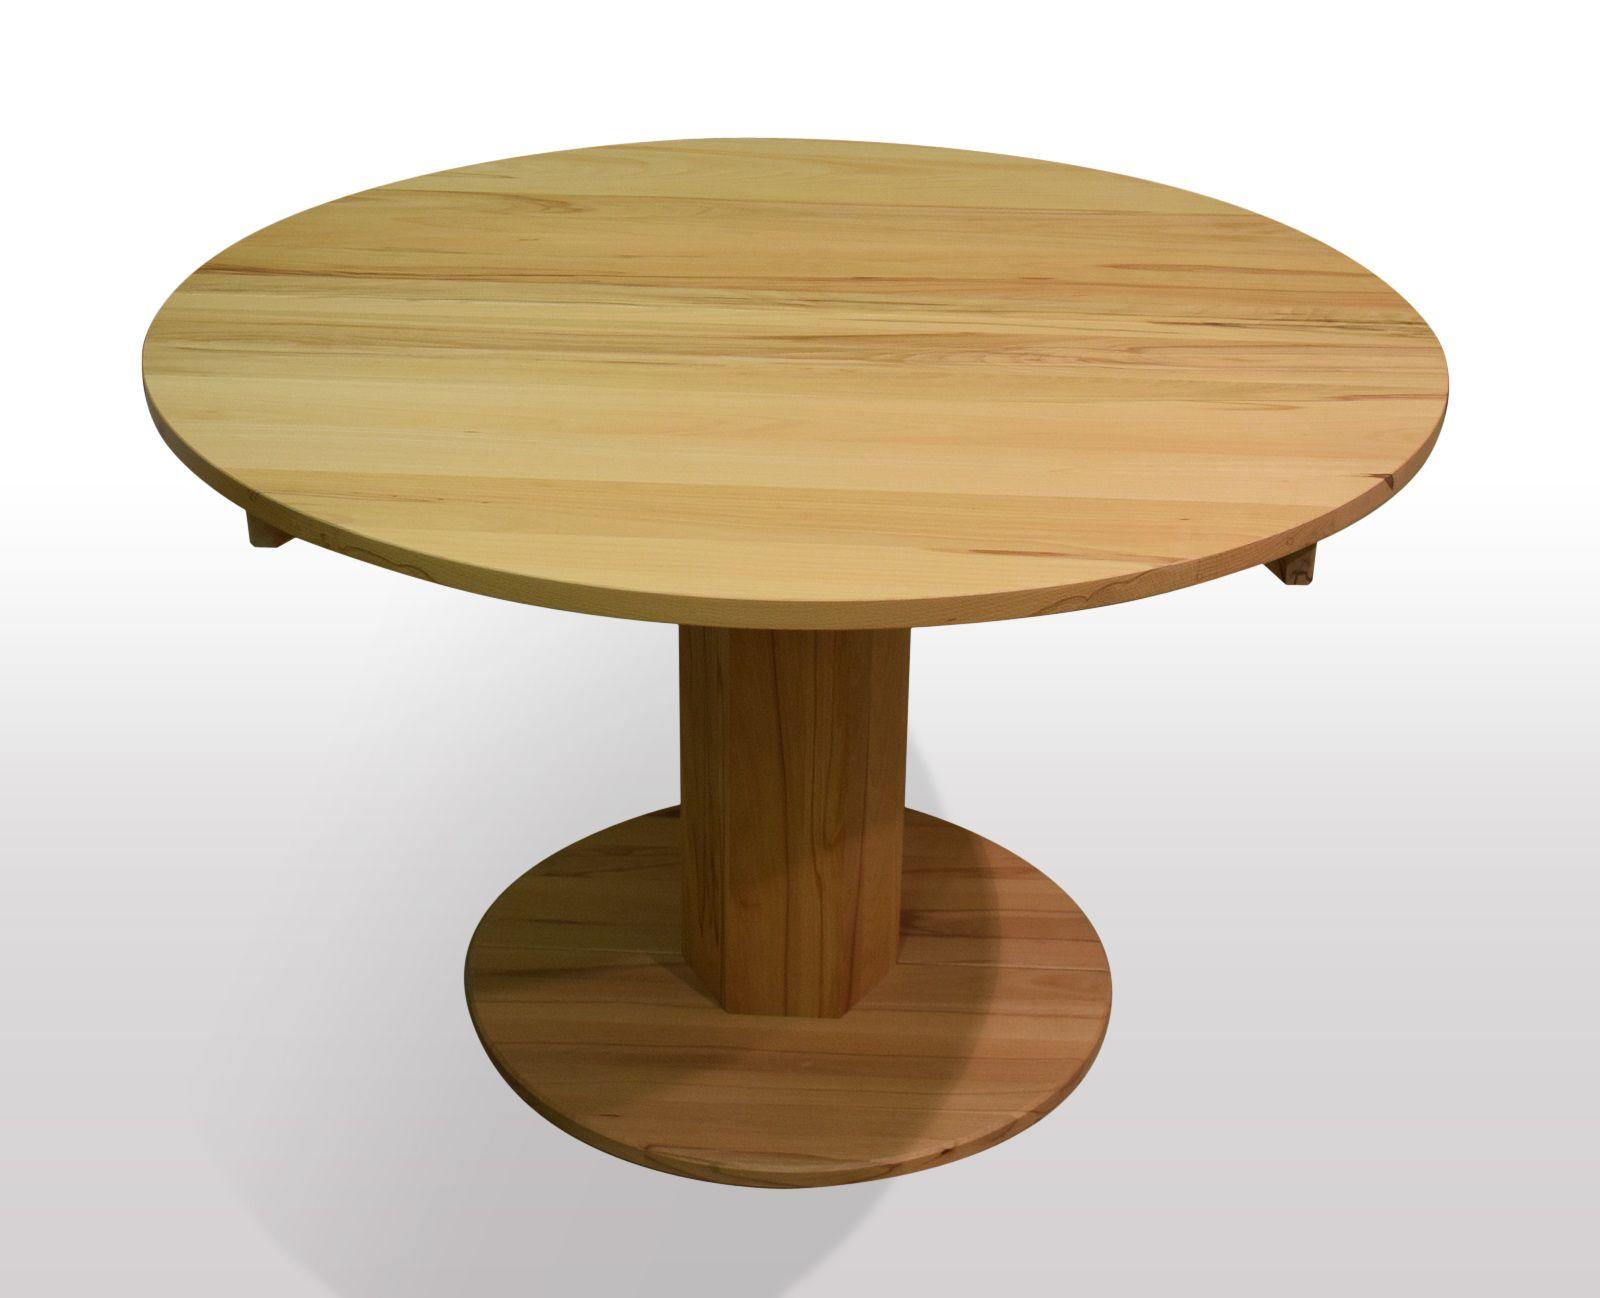 runde massivholztische ausziehbar und auf ma in ihrem wunschholz in handarbeit gefertigt. Black Bedroom Furniture Sets. Home Design Ideas